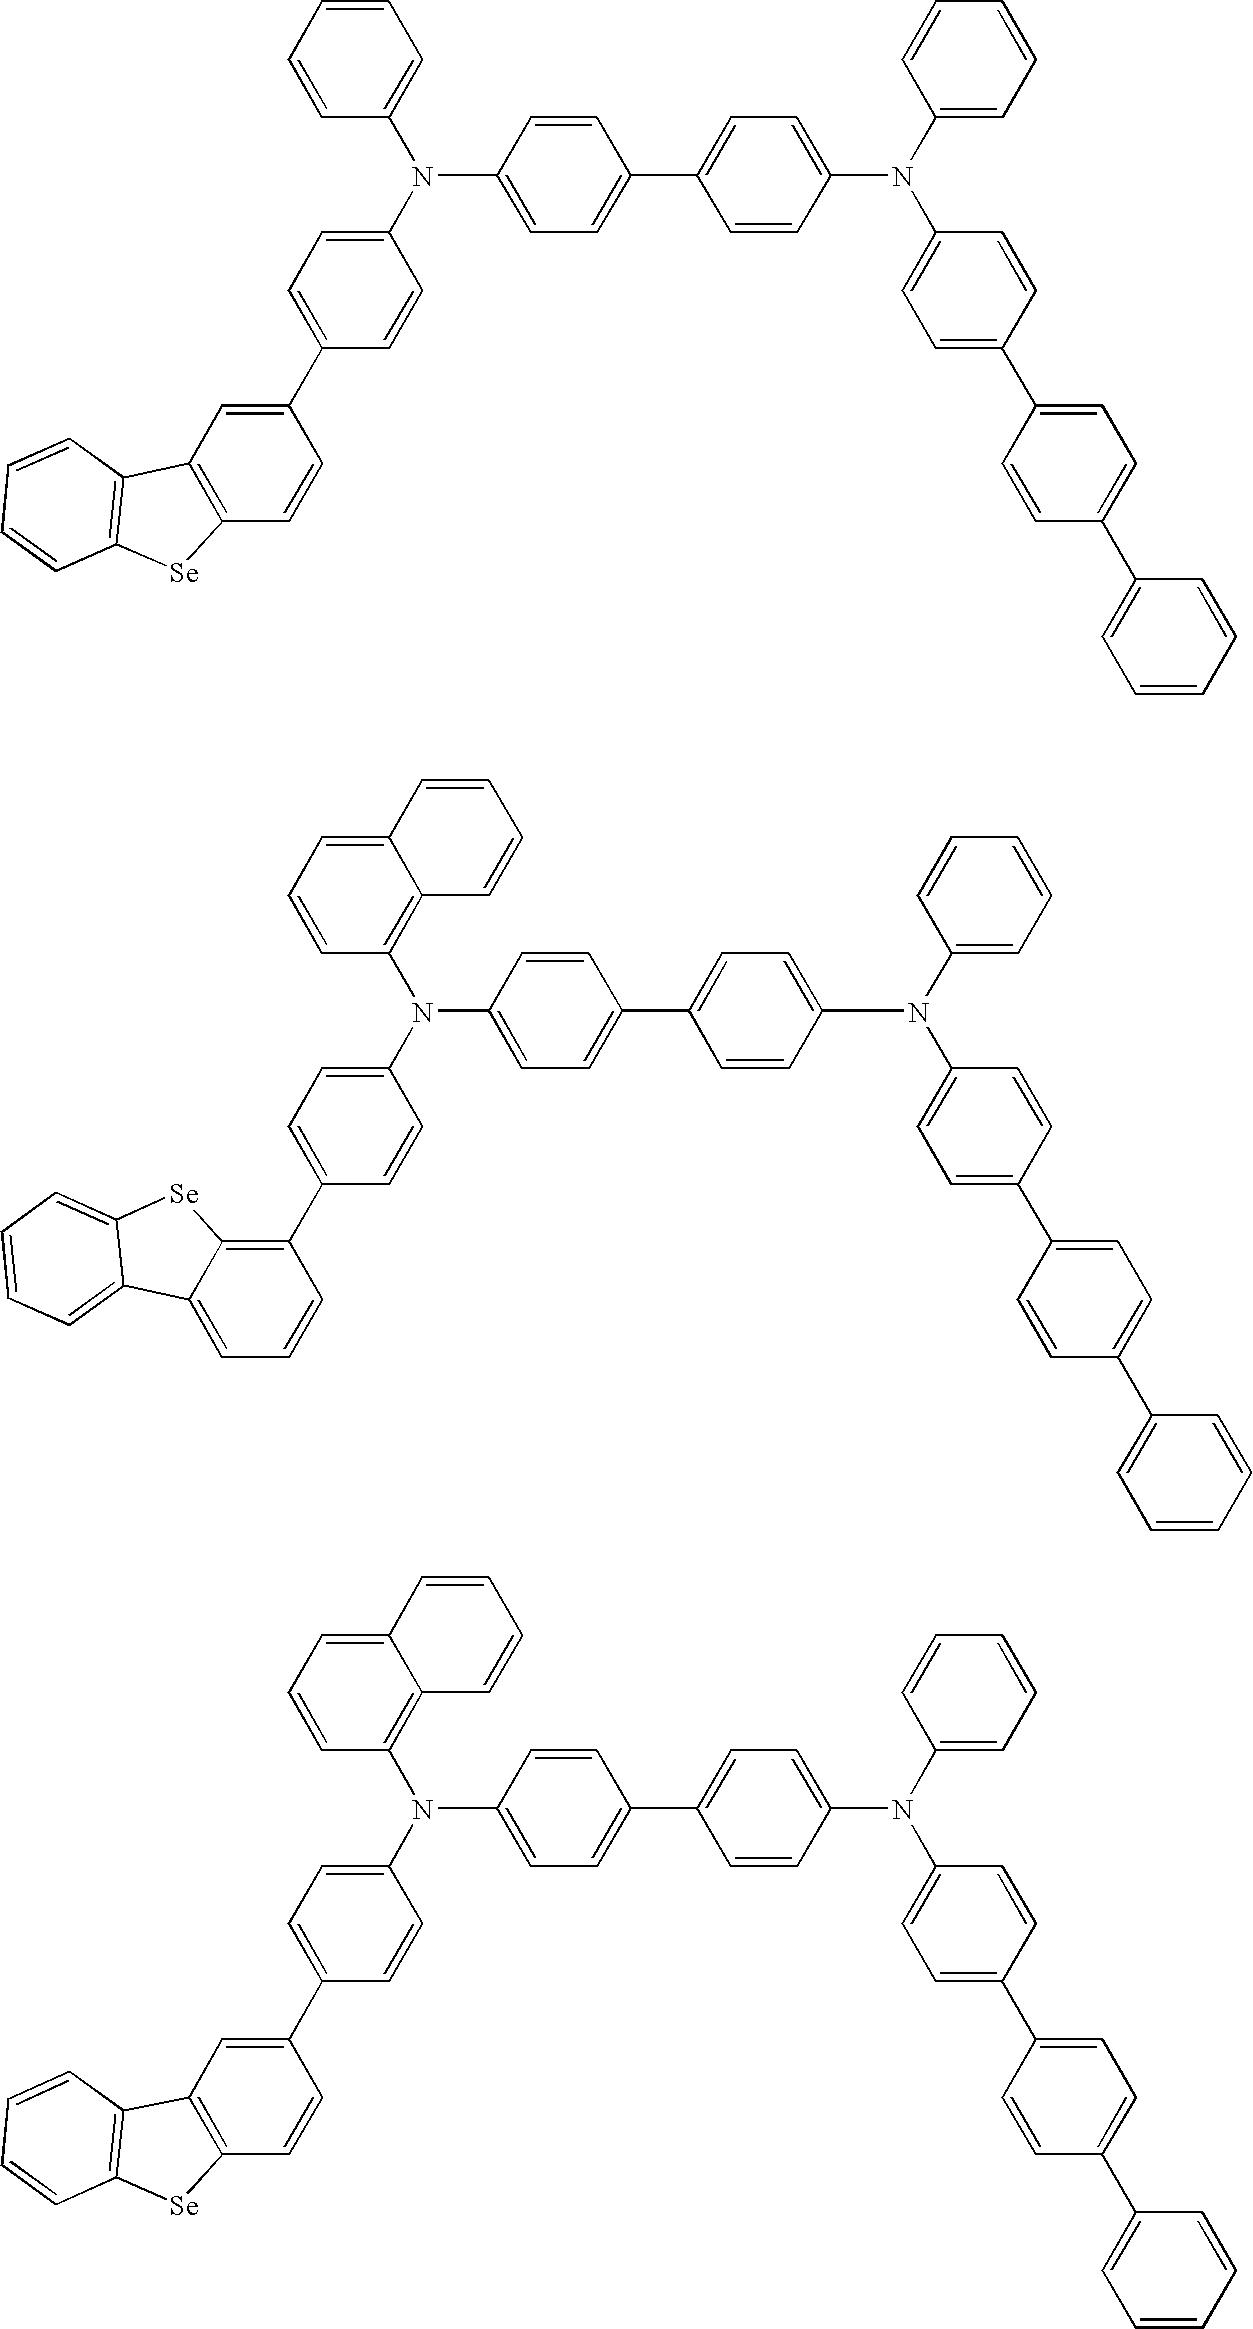 Figure US20100072887A1-20100325-C00213